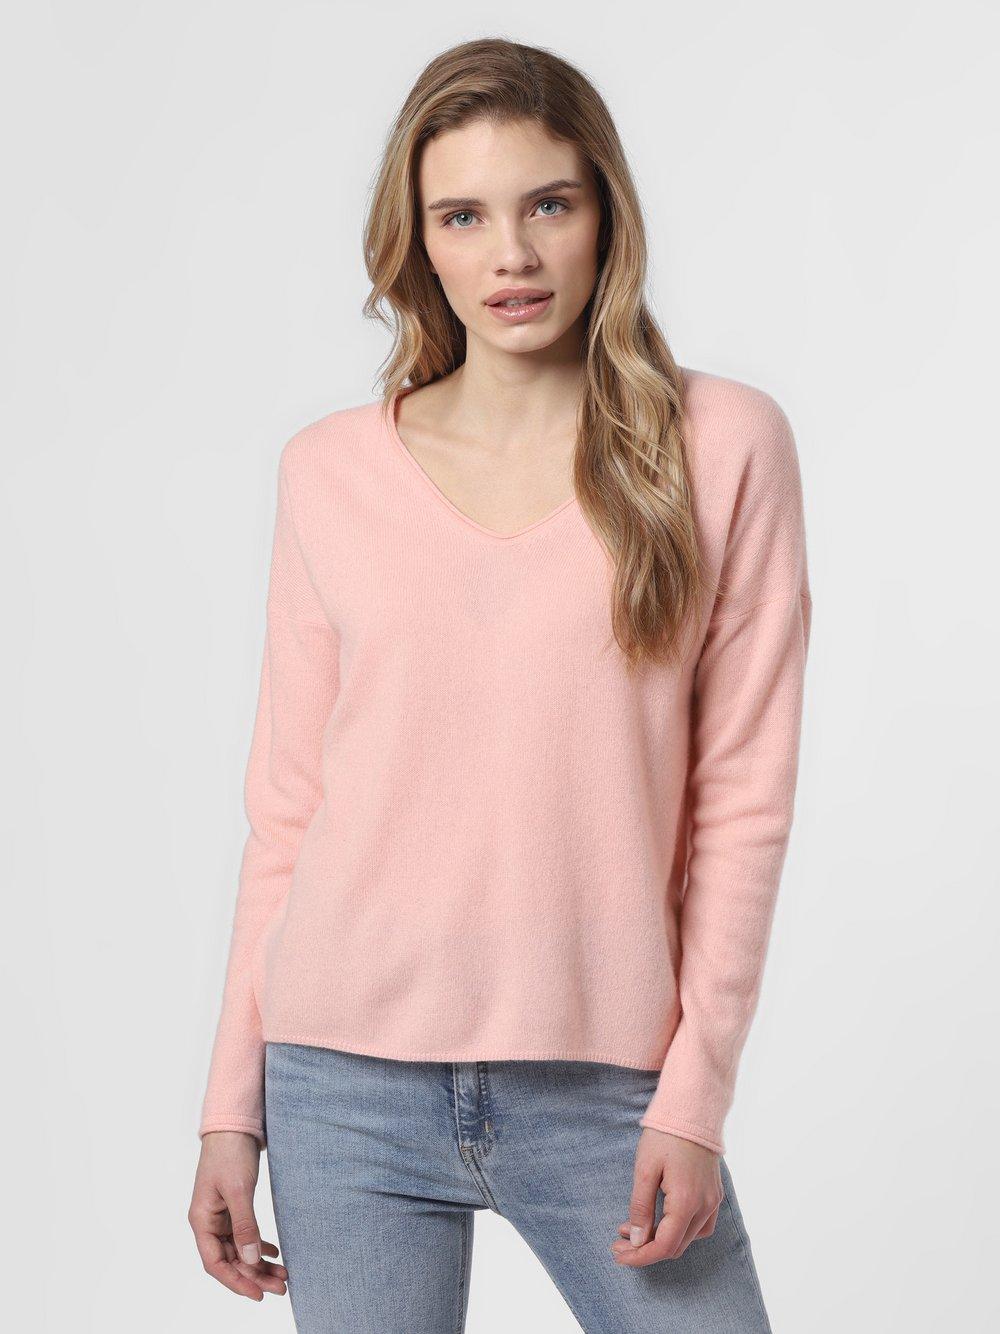 SvB Exquisit – Sweter damski z czystego kaszmiru, pomarańczowy Van Graaf 461337-0004-00360